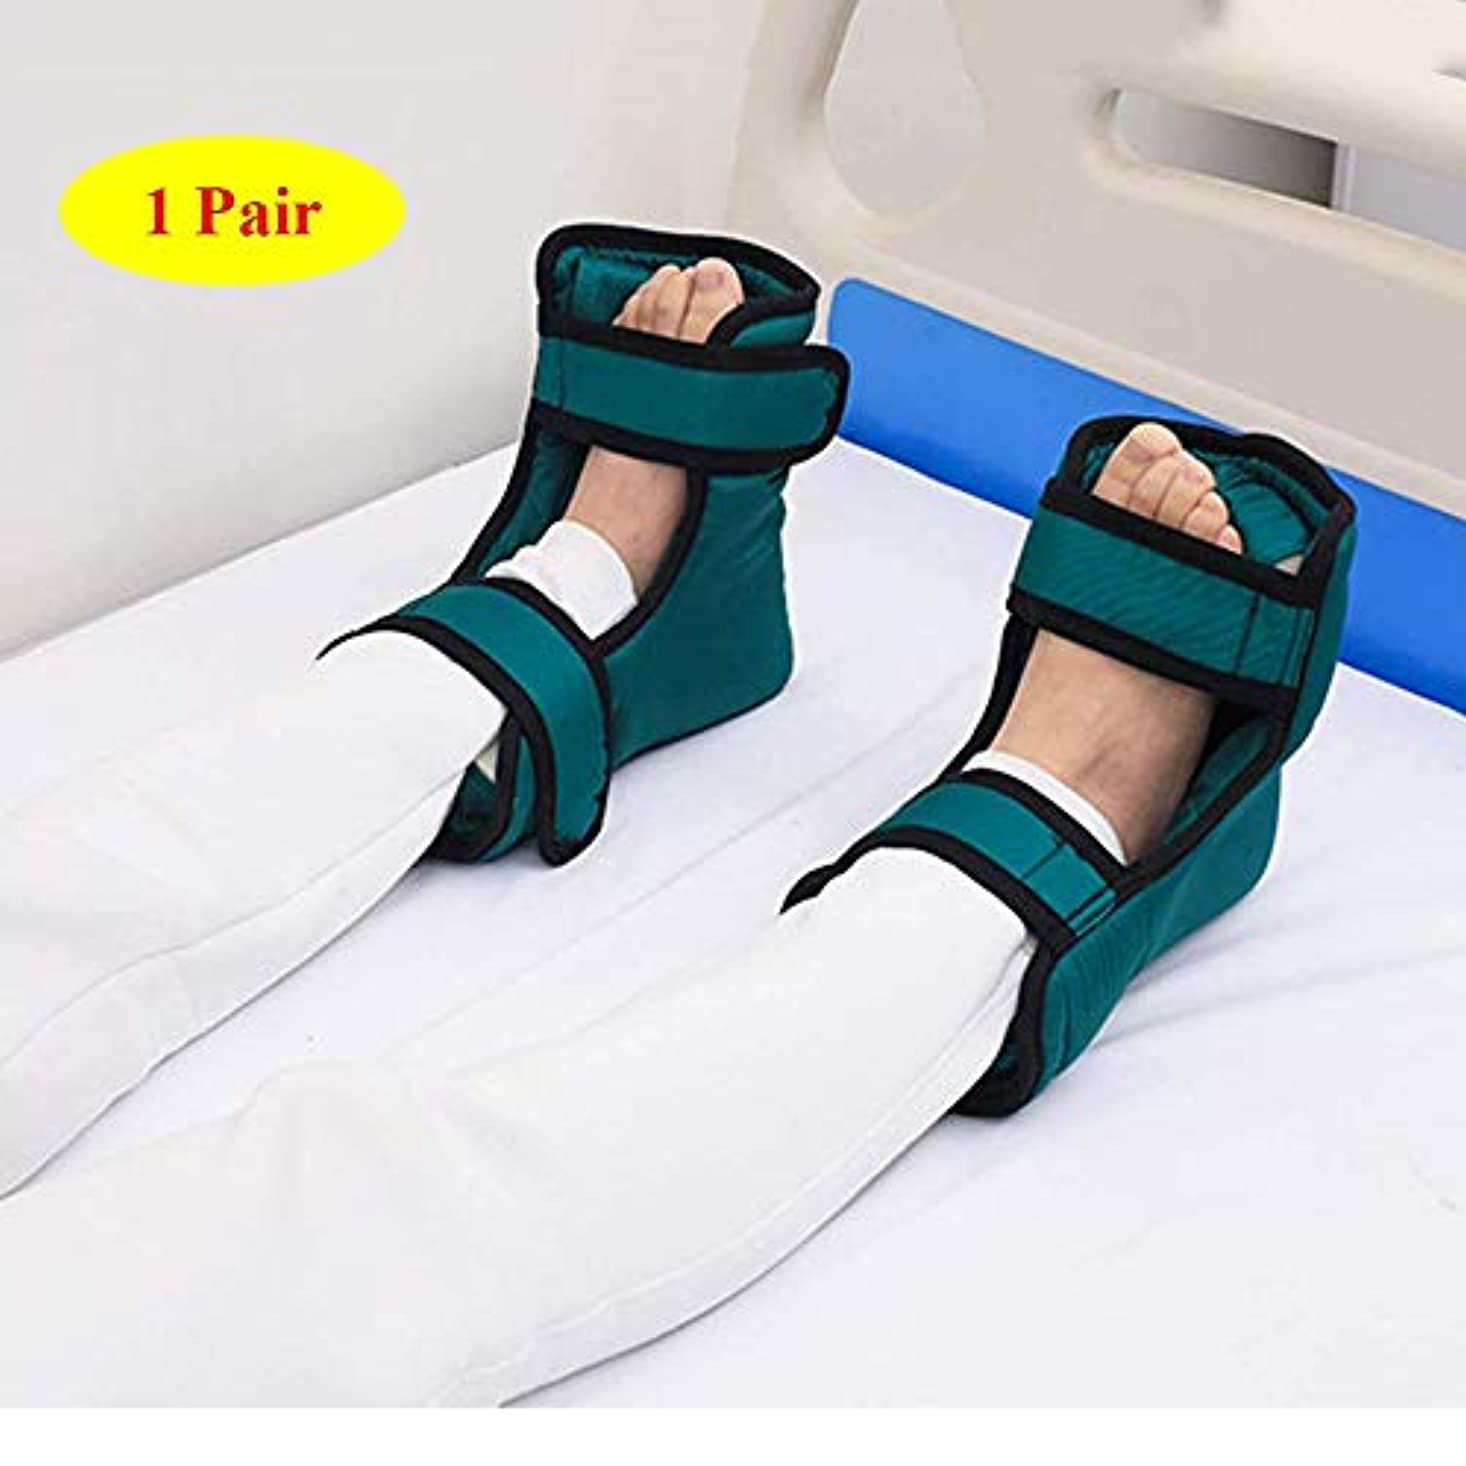 オピエート先に教育学ヒールクッションプロテクターの1ペア - 足と足首の枕パッドは、保護ブーツ褥瘡や床ずれから足肘かかとを保護するヒール